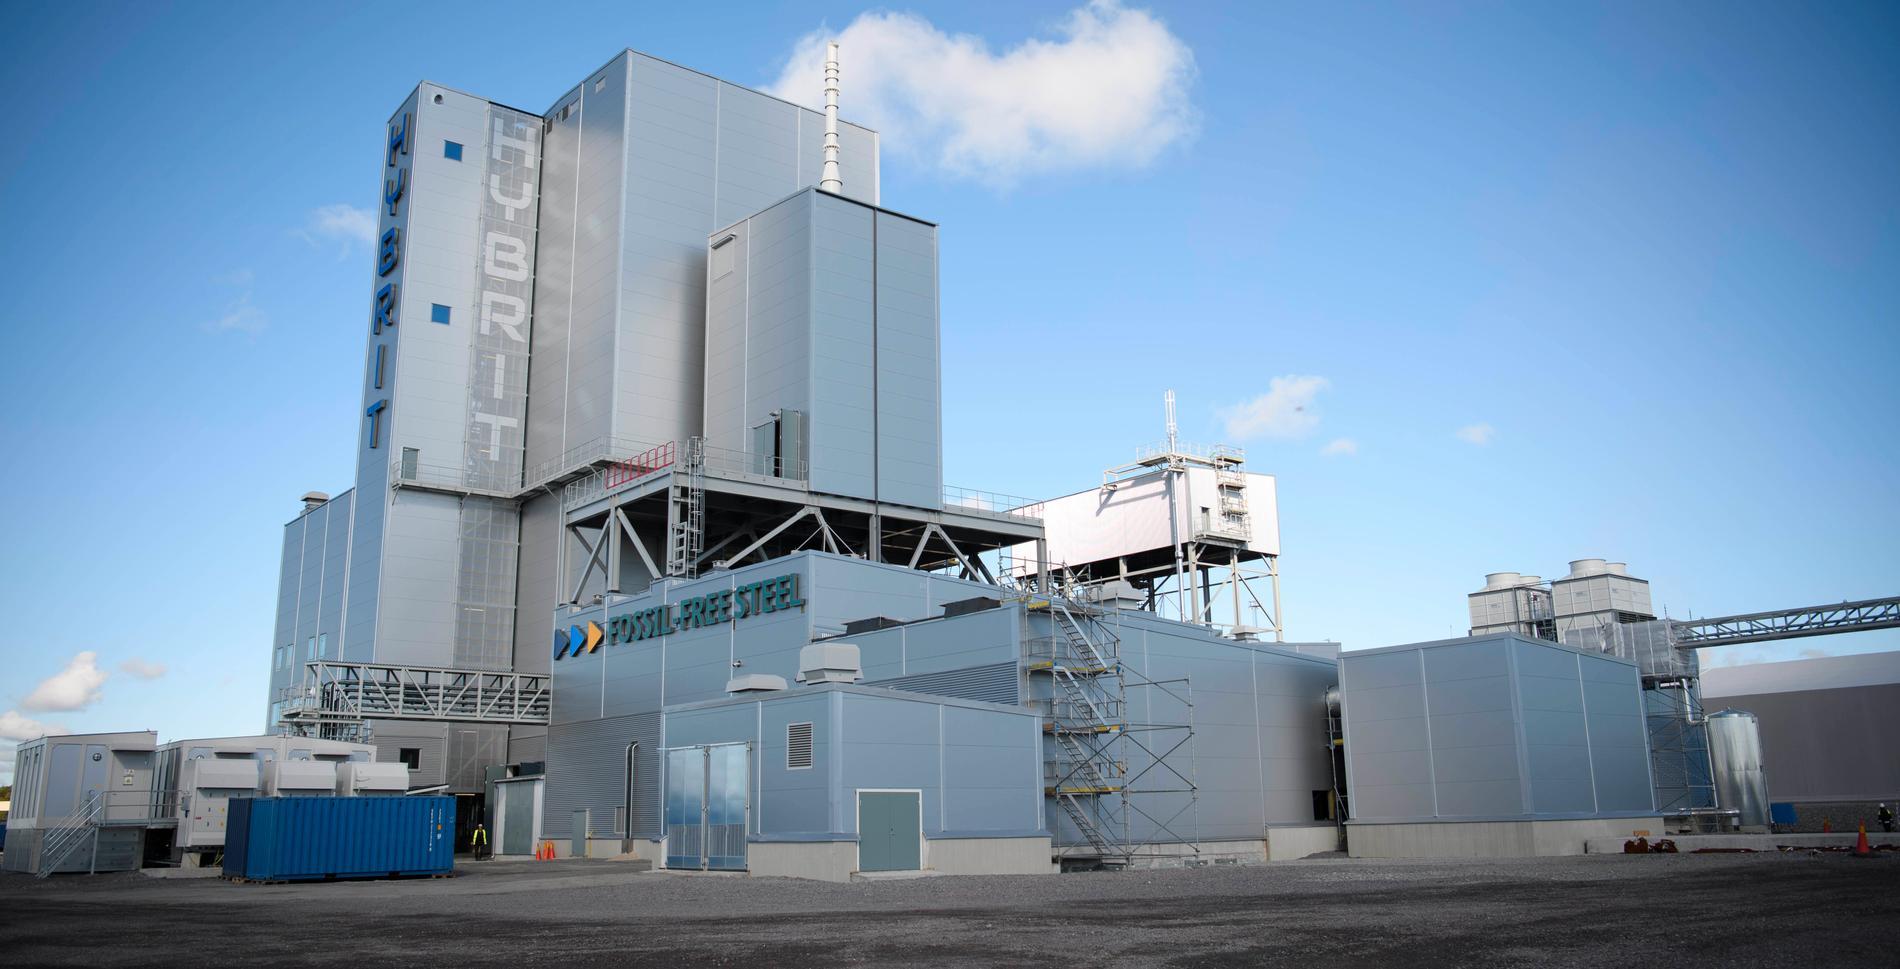 Hybrits försöksanläggning i Luleå har nu framställt det första kol och fossilfria stålet